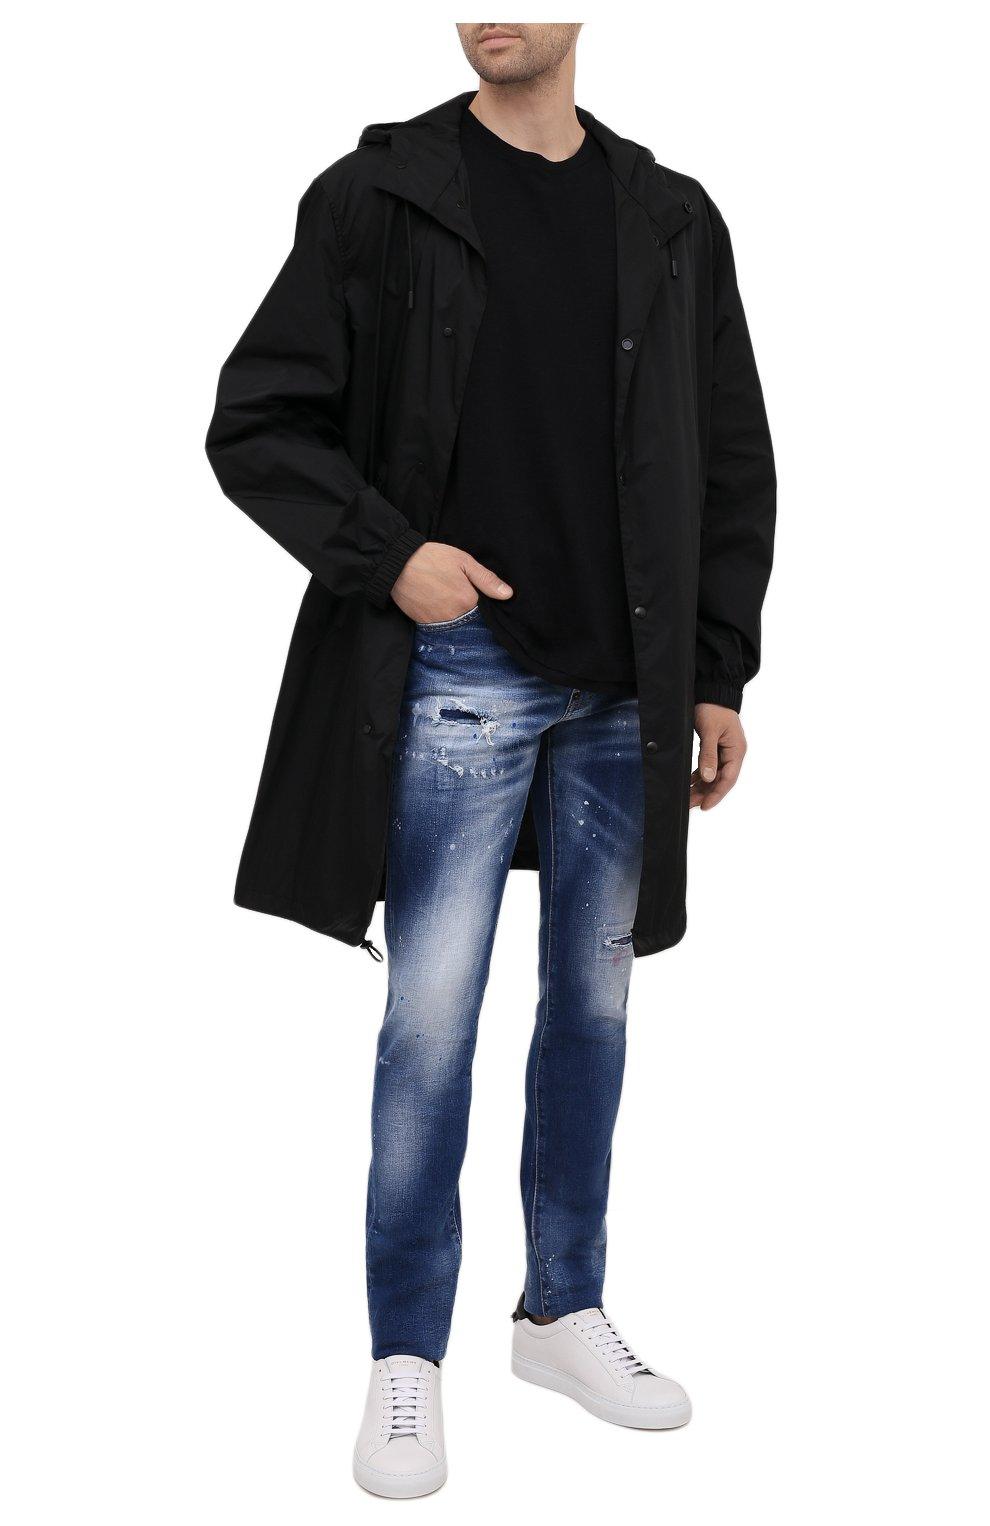 Мужские джинсы DSQUARED2 синего цвета, арт. S74LB1016/S30663   Фото 2 (Силуэт М (брюки): Узкие; Кросс-КТ: Деним; Длина (брюки, джинсы): Стандартные; Стили: Гранж; Материал внешний: Хлопок; Детали: Потертости)